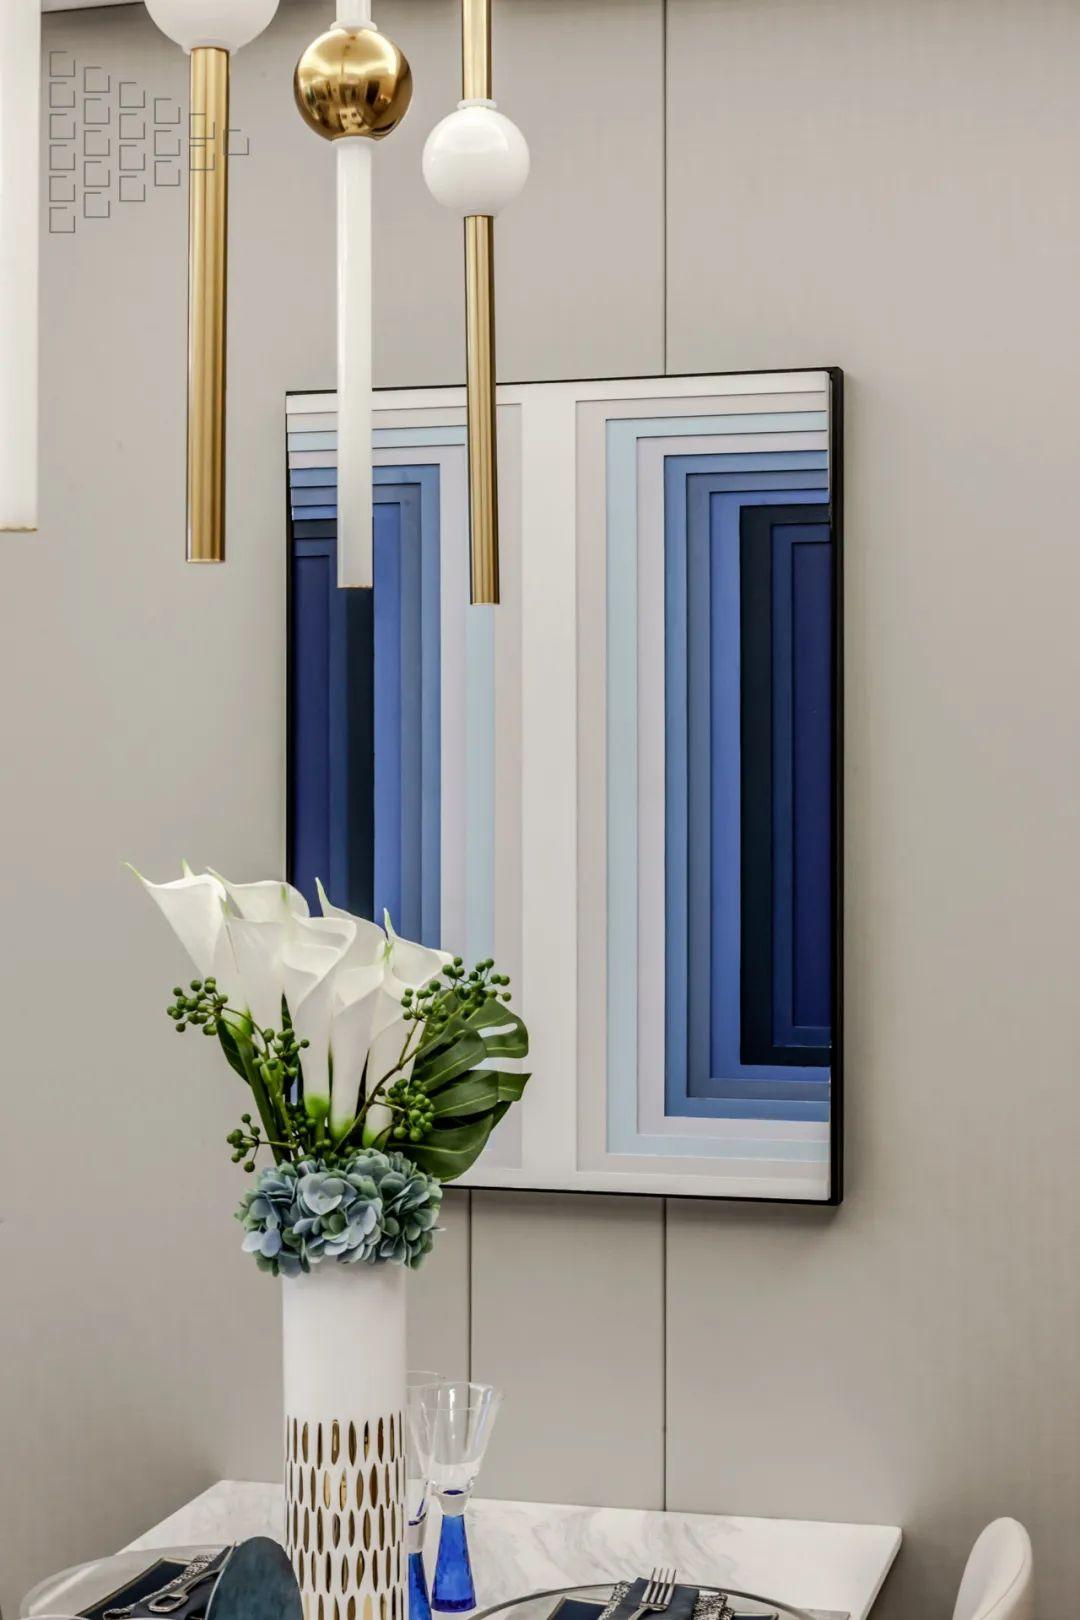 98㎡现代,高级华丽的设计,精致细腻的布置,小空间也档次